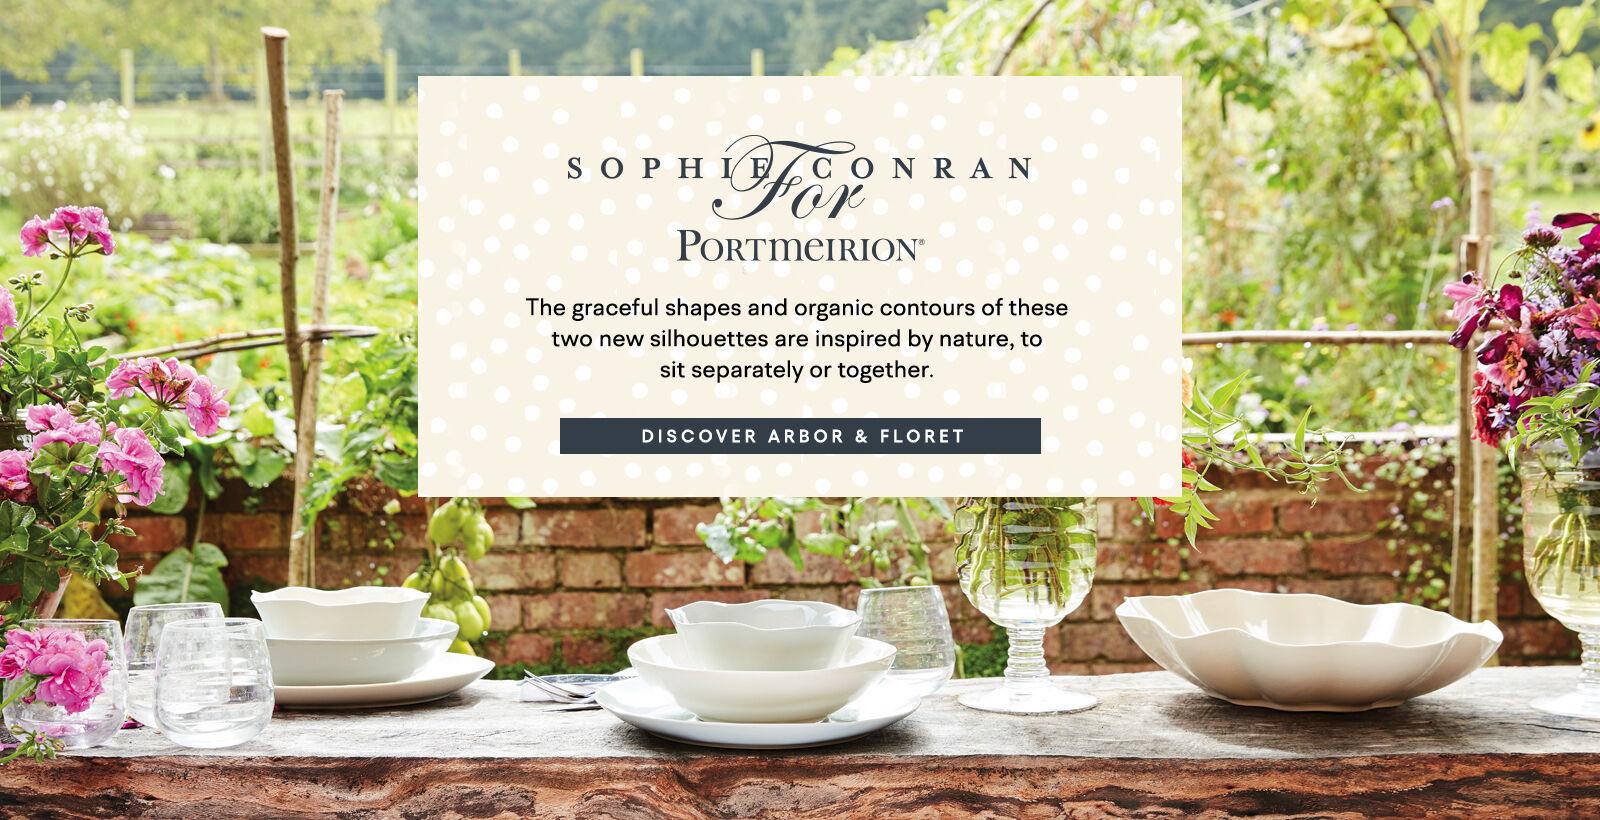 Sophie Conran Arbor & Floret